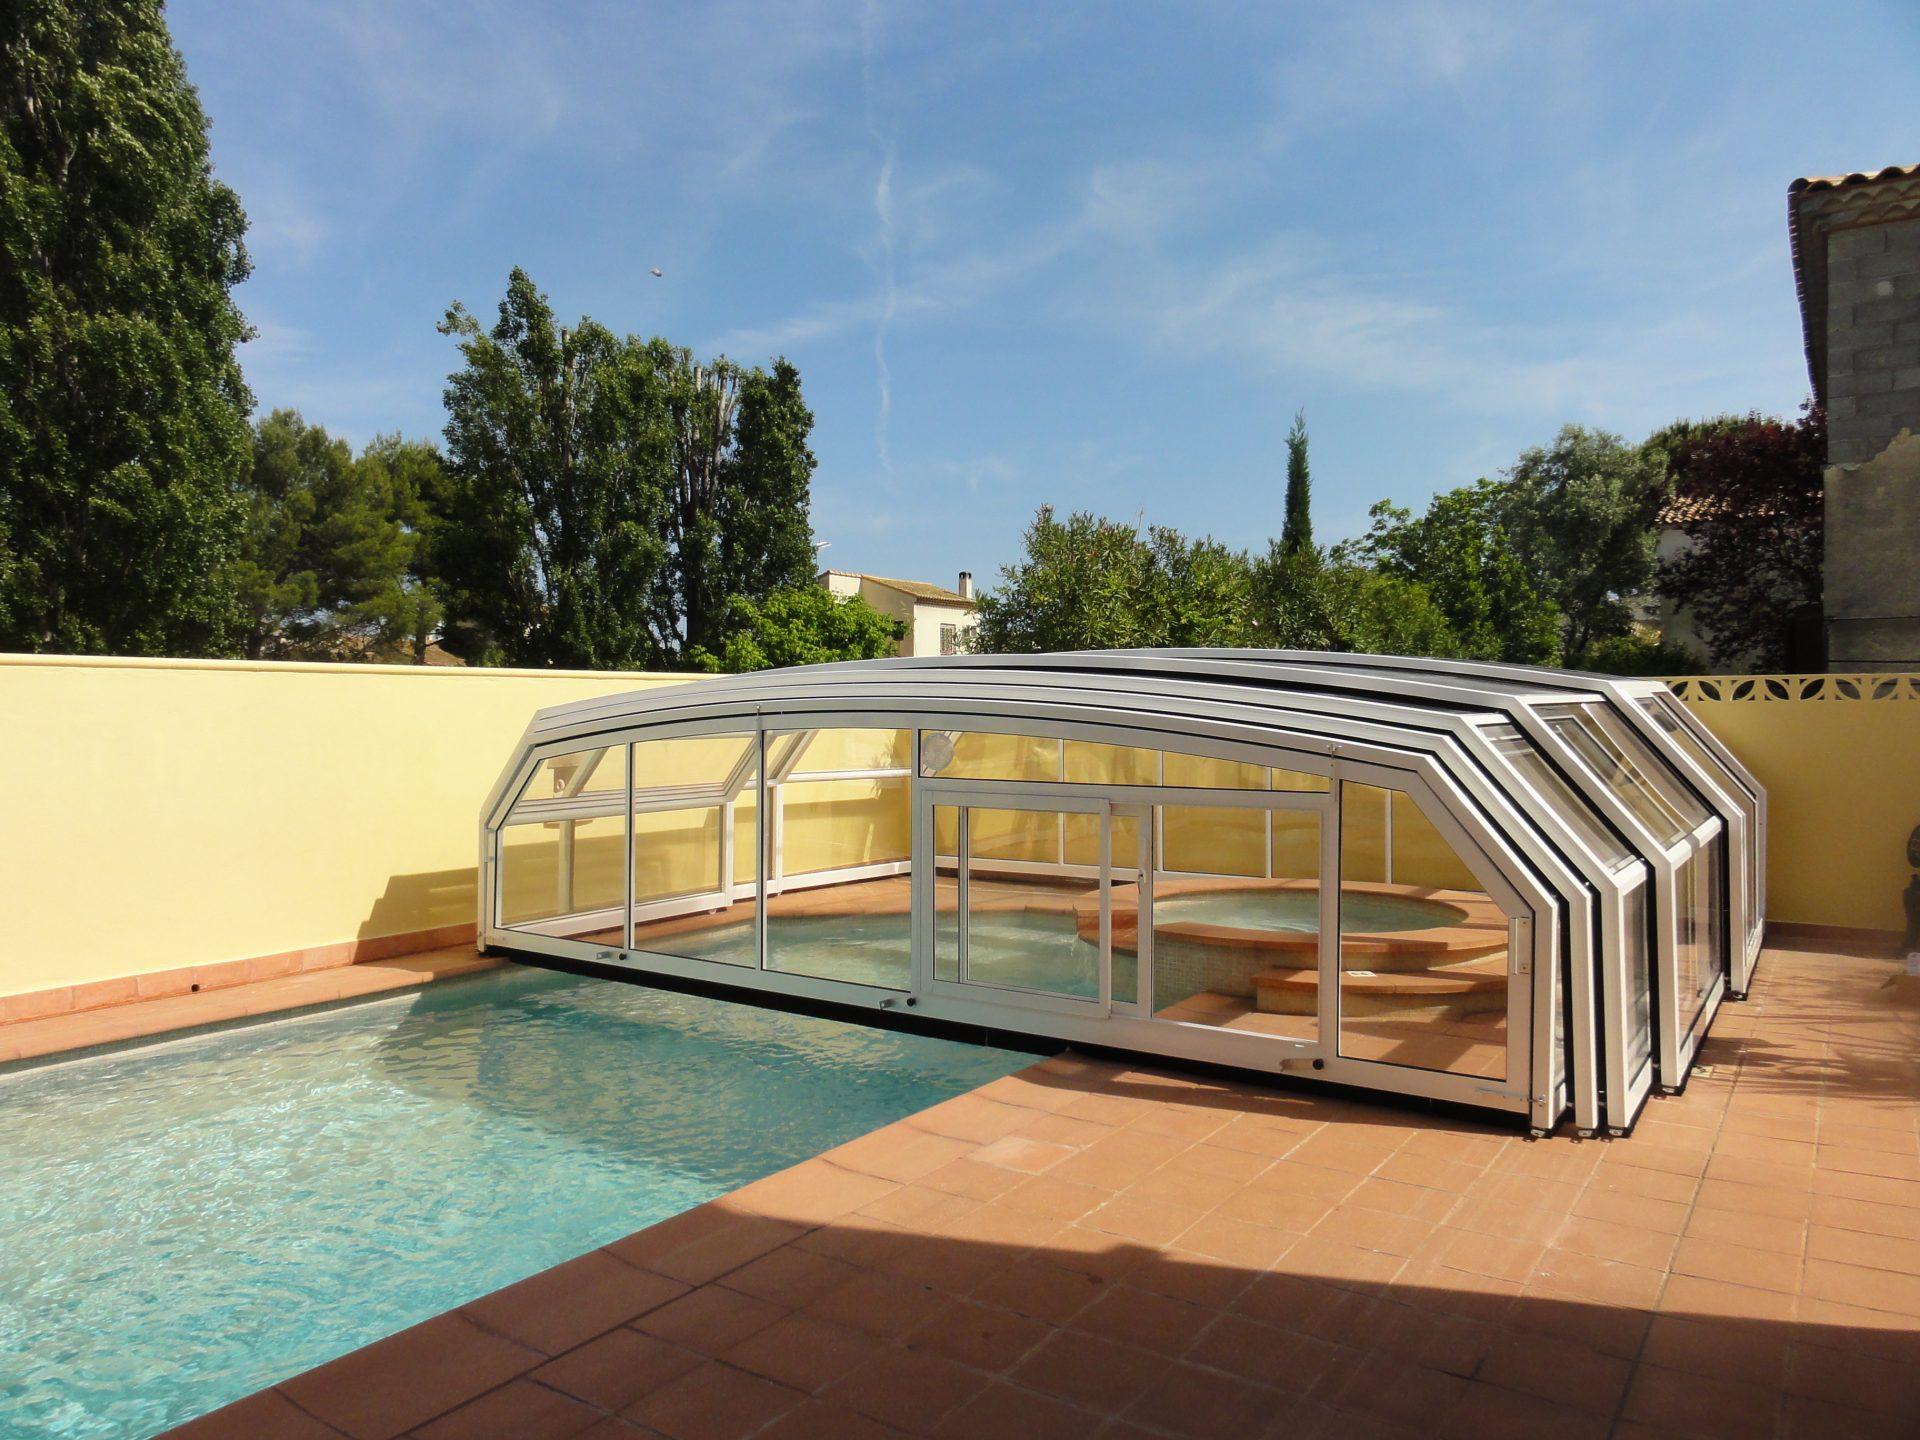 abri piscine haut coulissant sans rail abri piscine paris. Black Bedroom Furniture Sets. Home Design Ideas